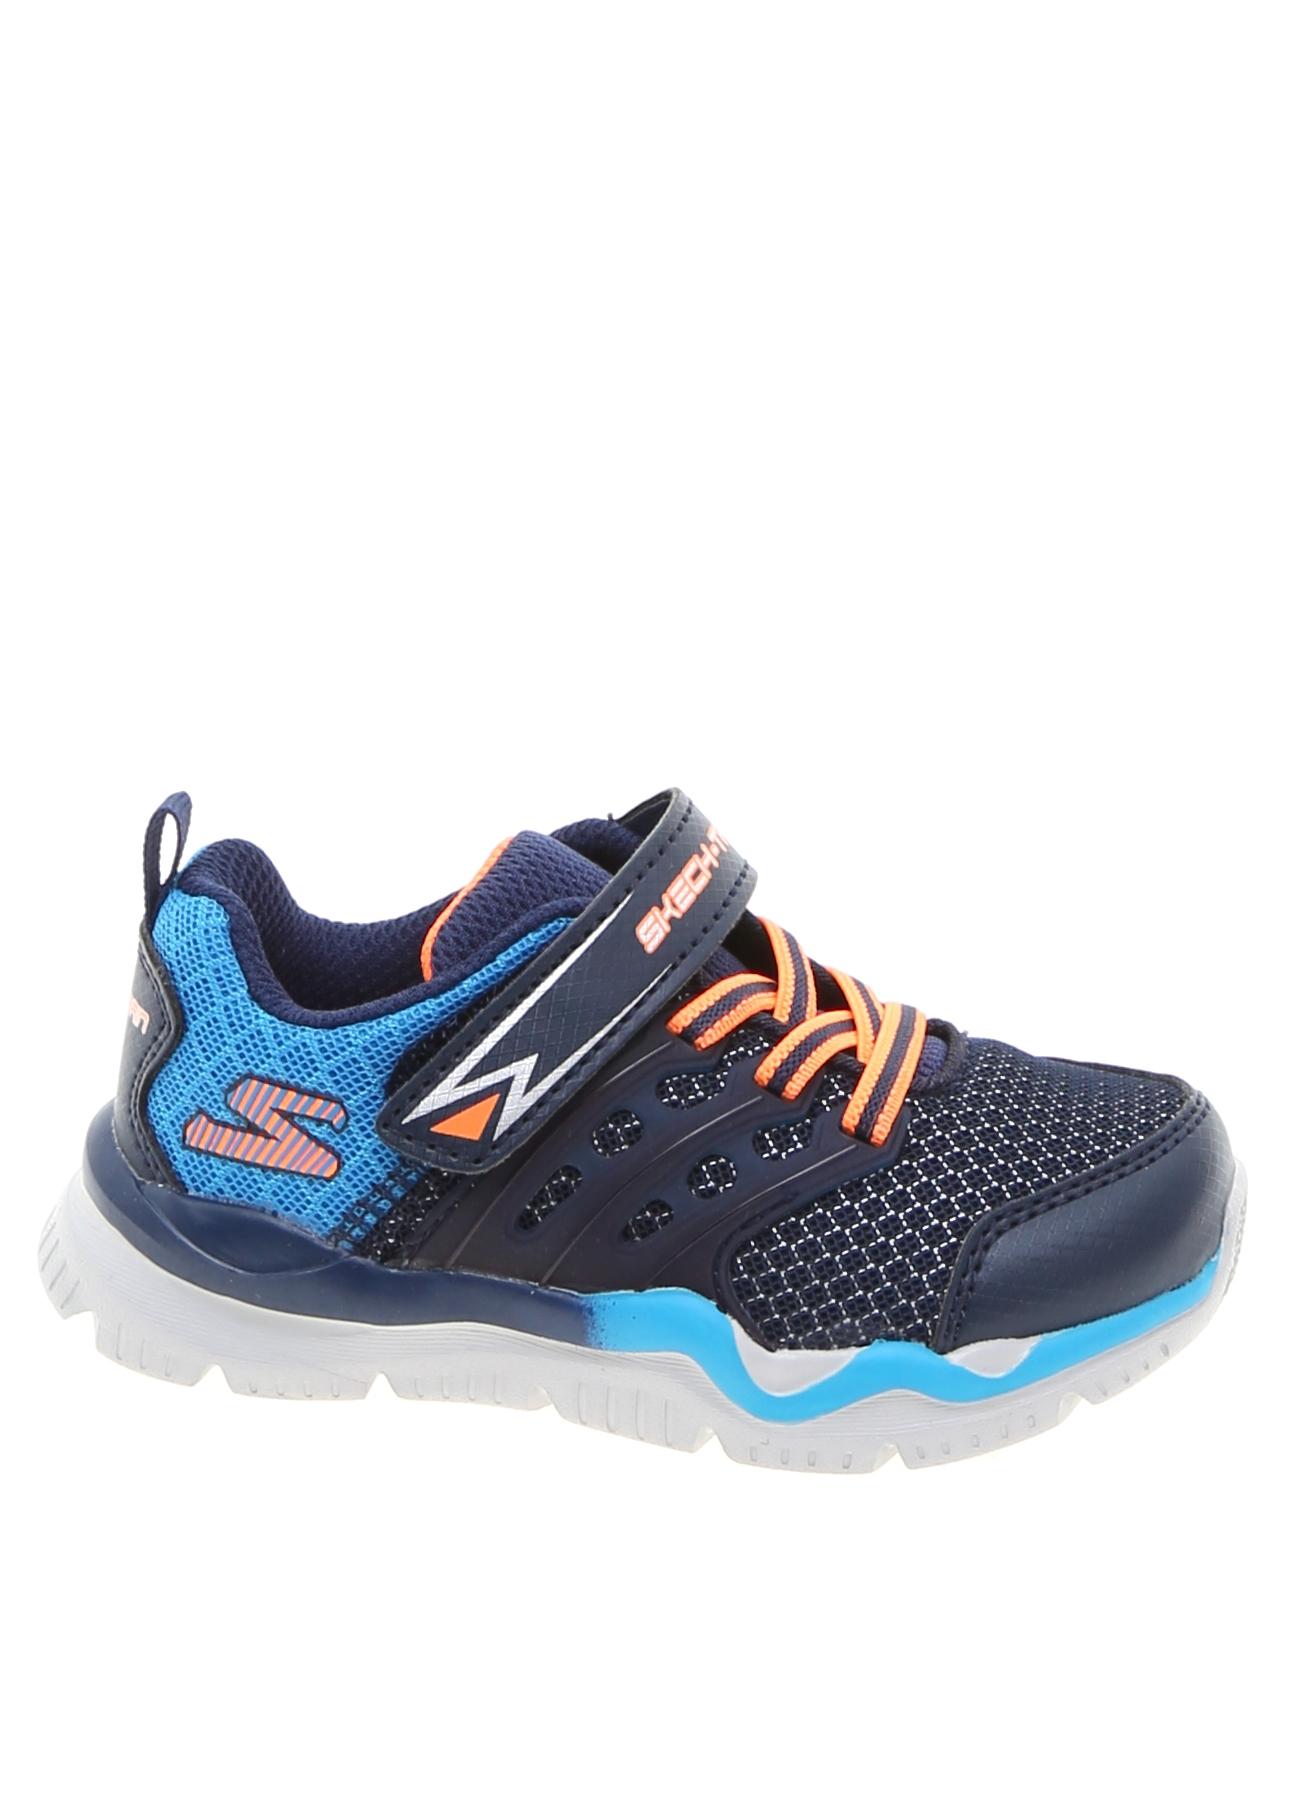 Skechers Skech- Train Yürüyüş Ayakkabısı 21.5 5000164172002 Ürün Resmi